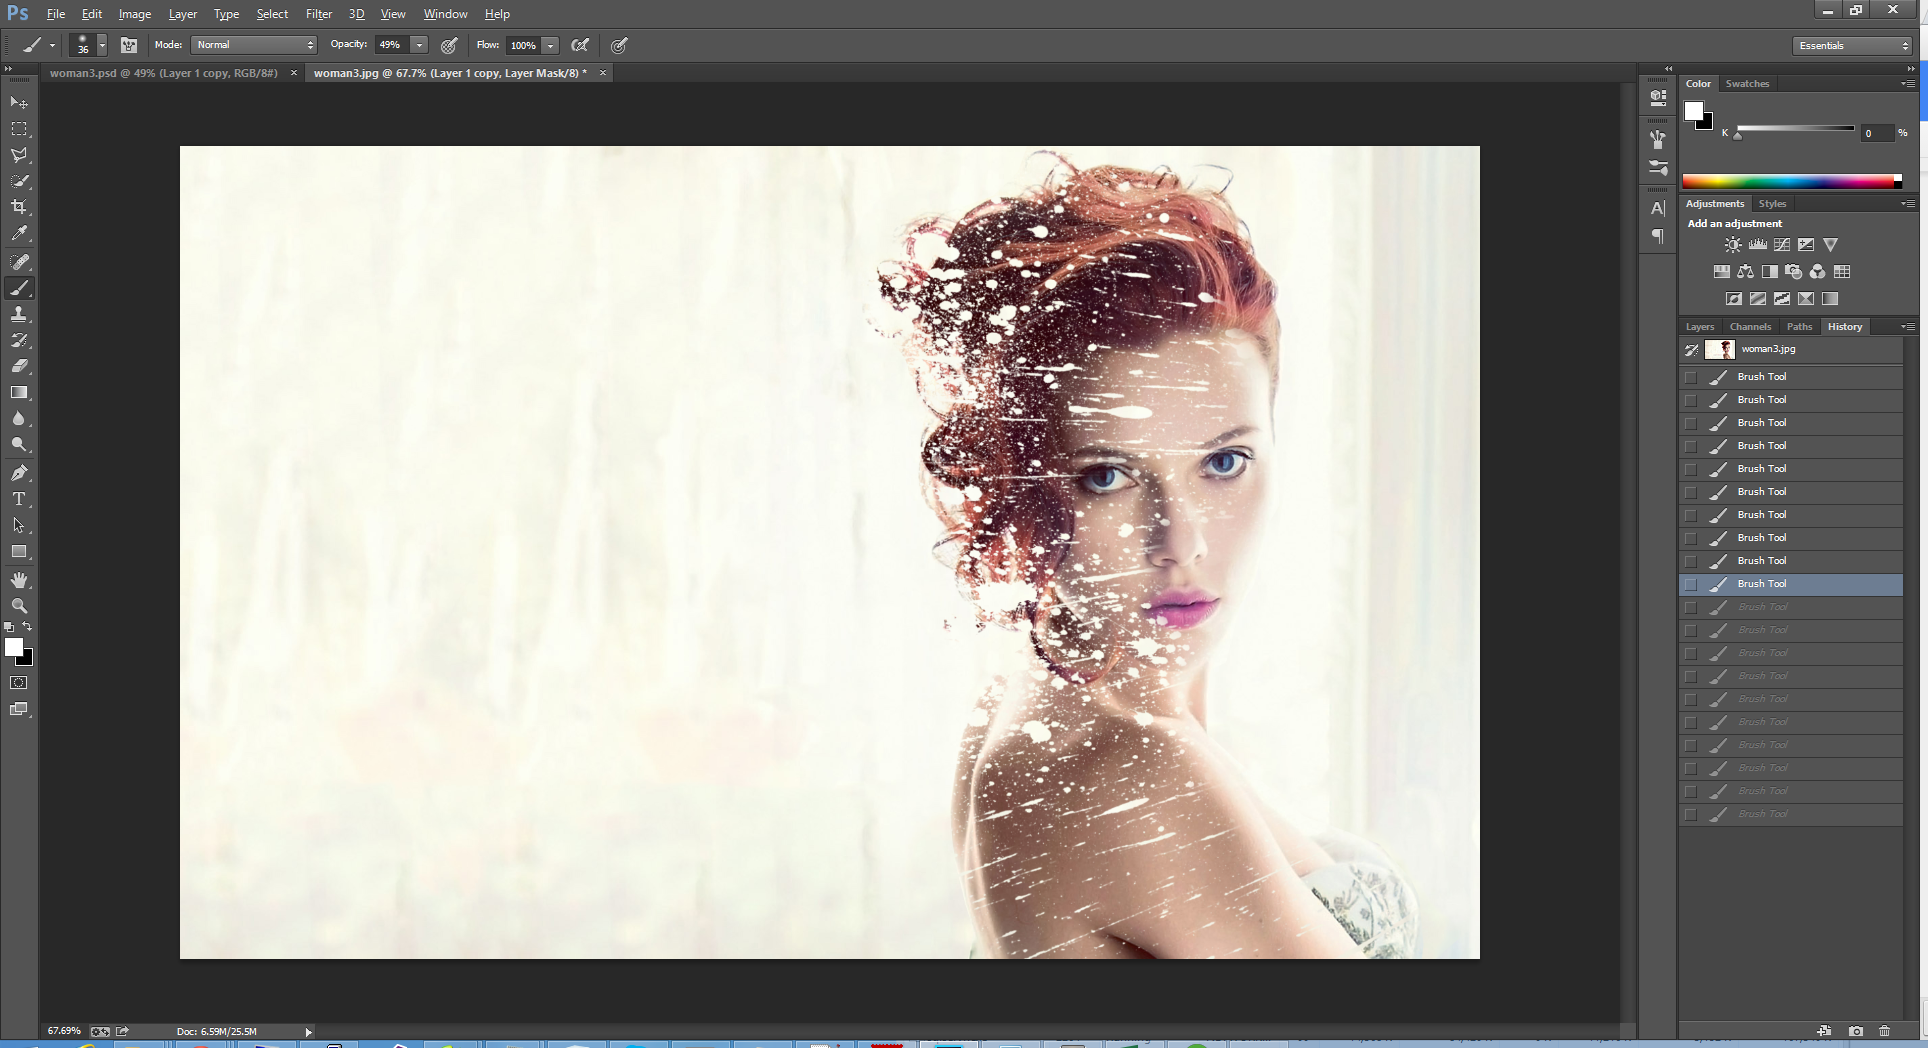 Hiệu ứng tán sắc với Photoshop CS6/CC